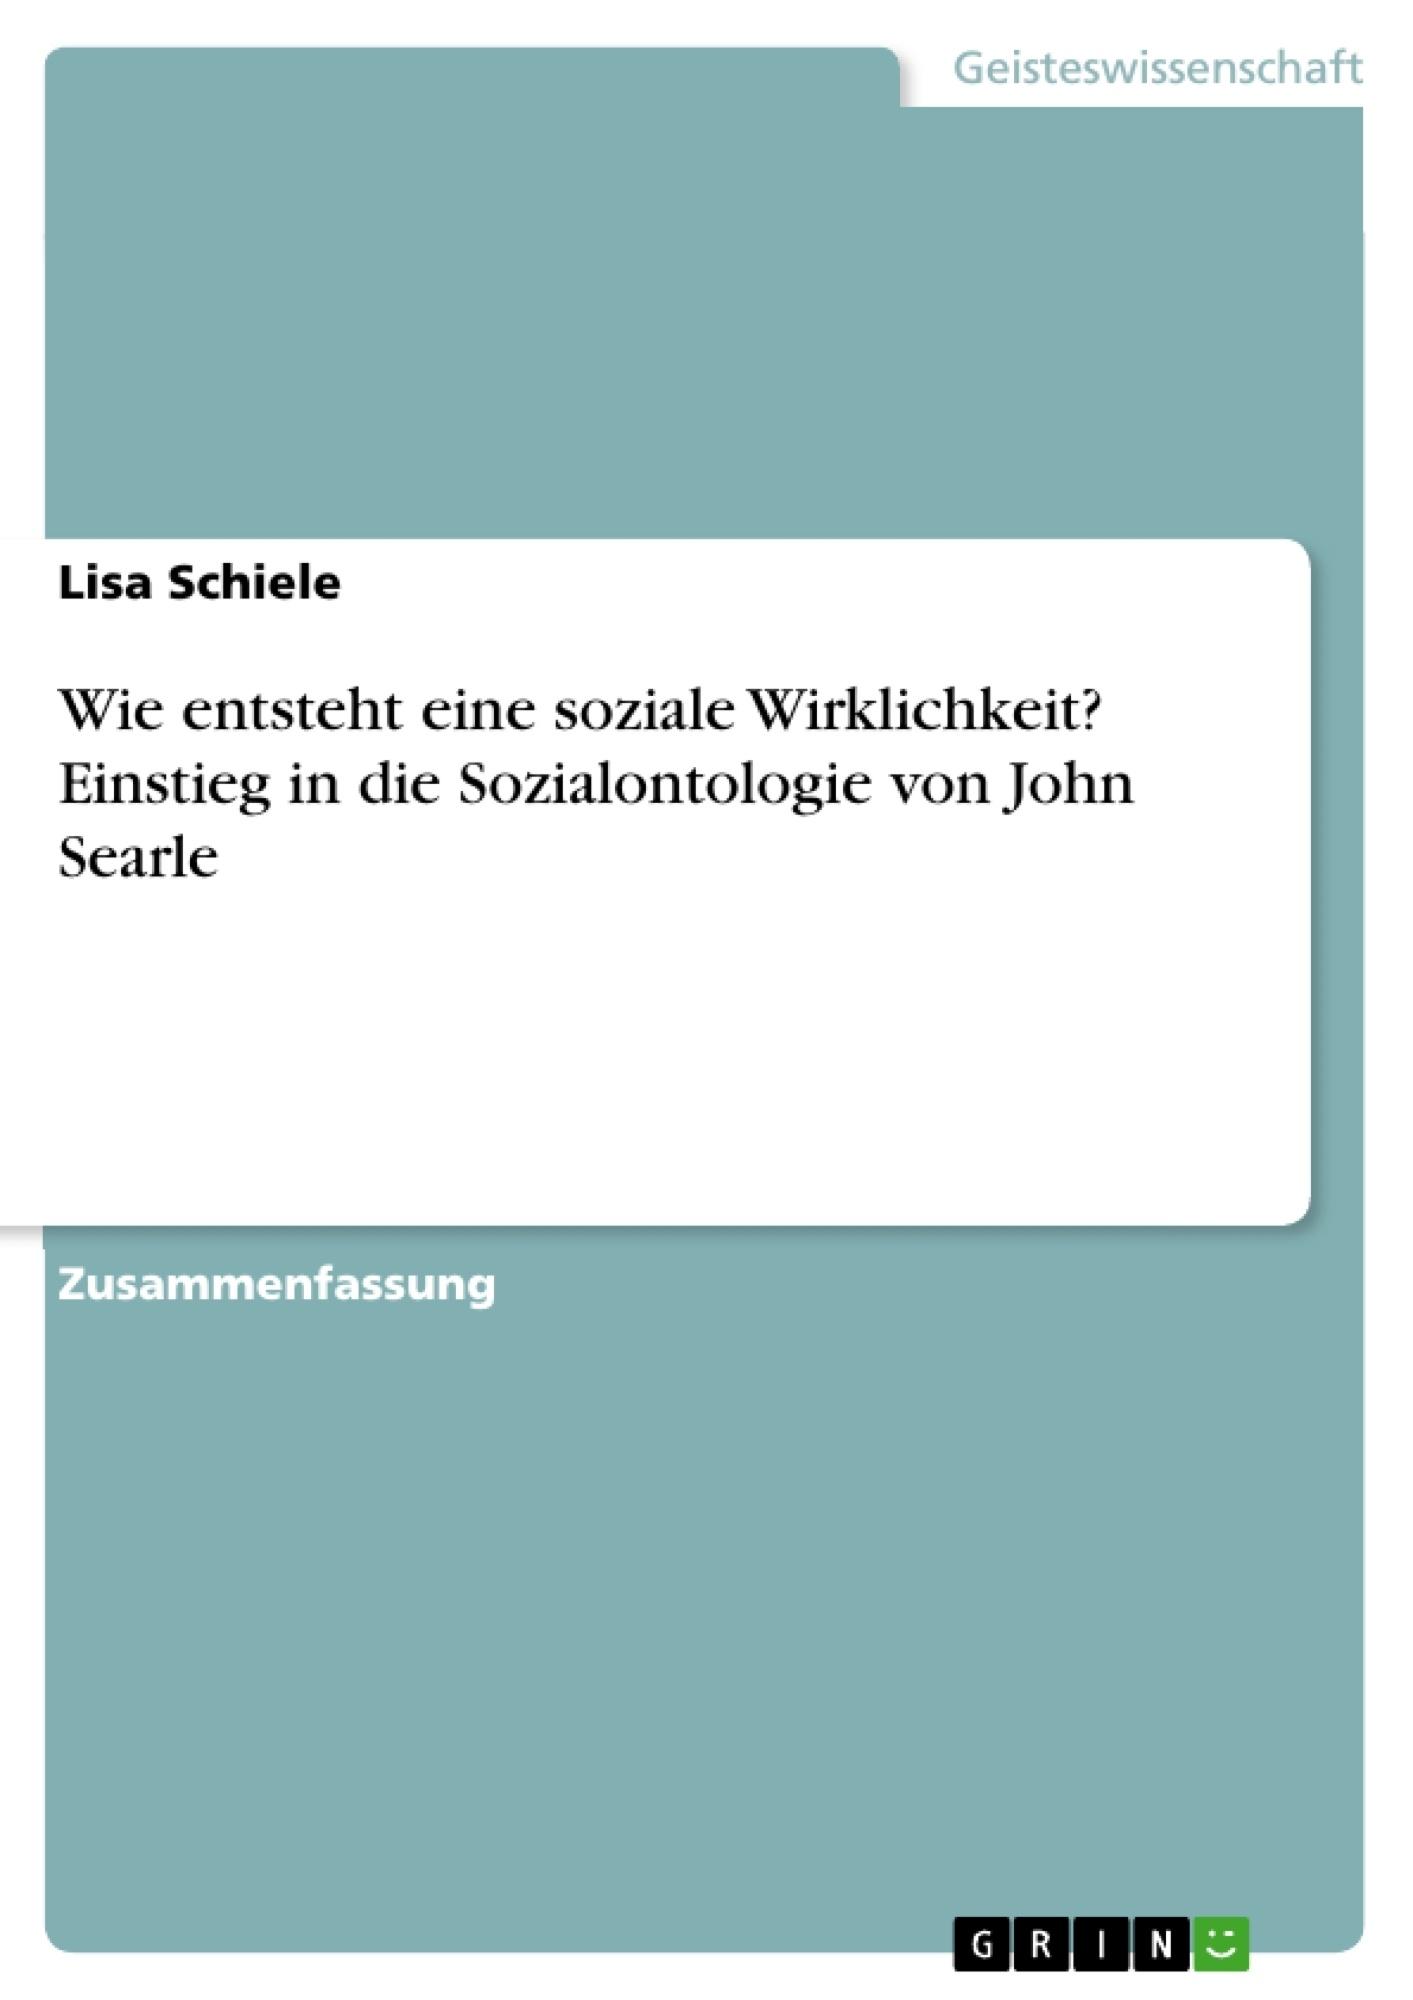 Titel: Wie entsteht eine soziale Wirklichkeit? Einstieg in die Sozialontologie von John Searle